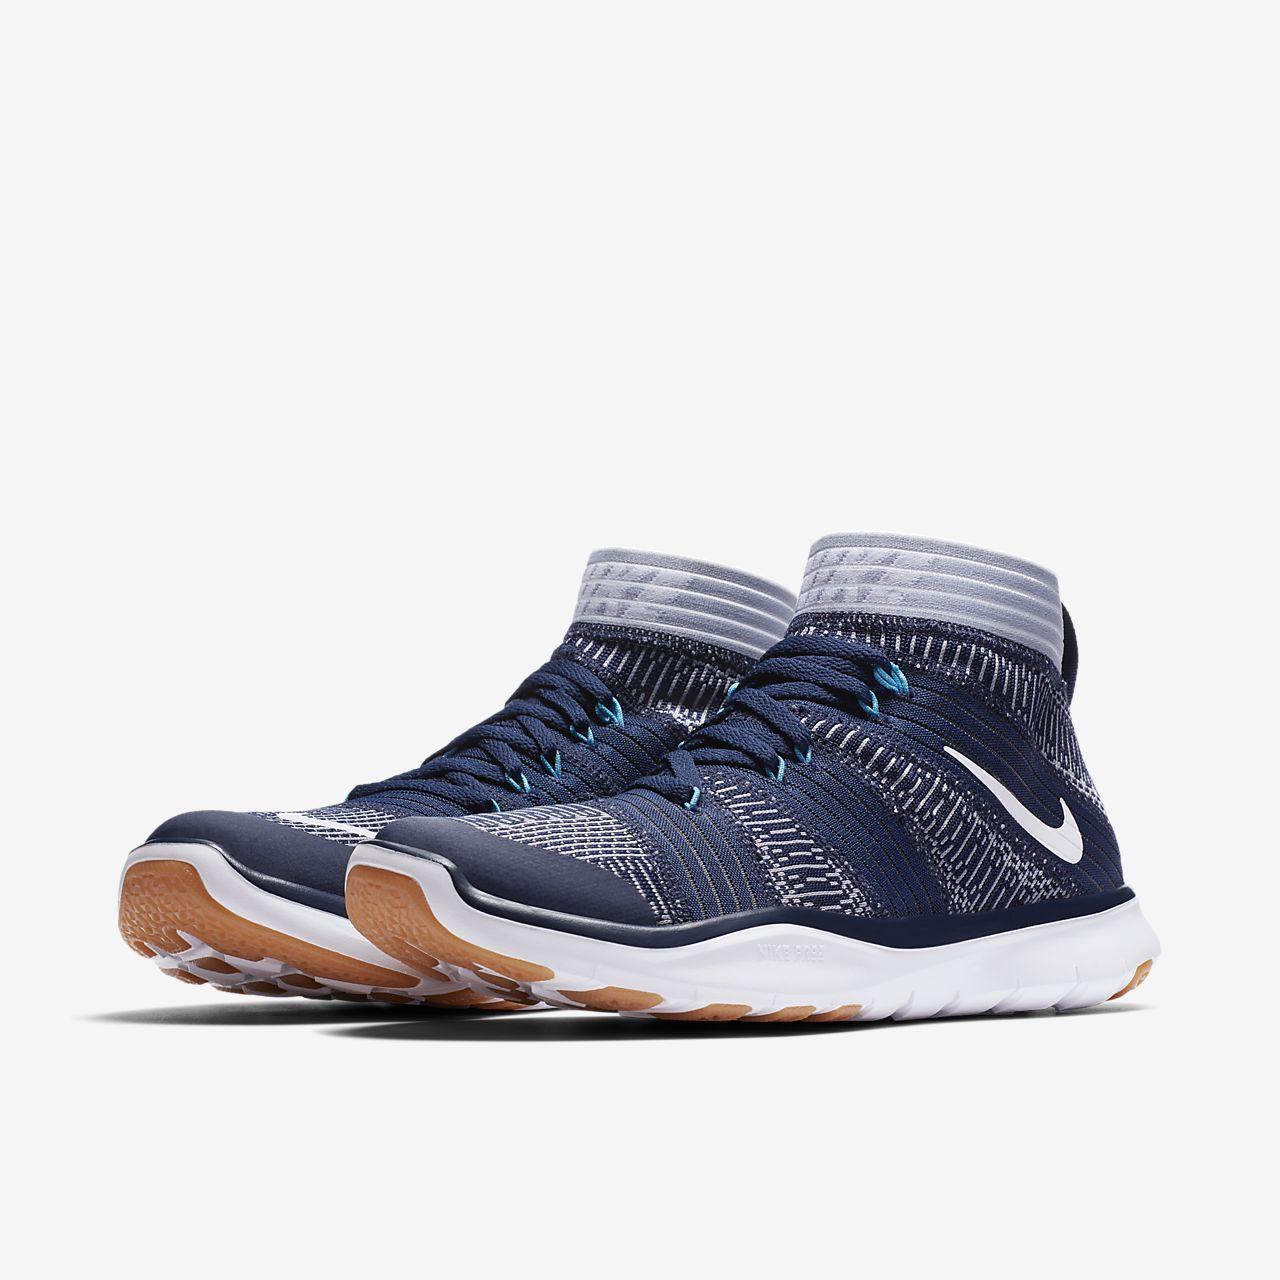 3a3bdee36b3 Nike Free Train Virtue Men s Training Shoe